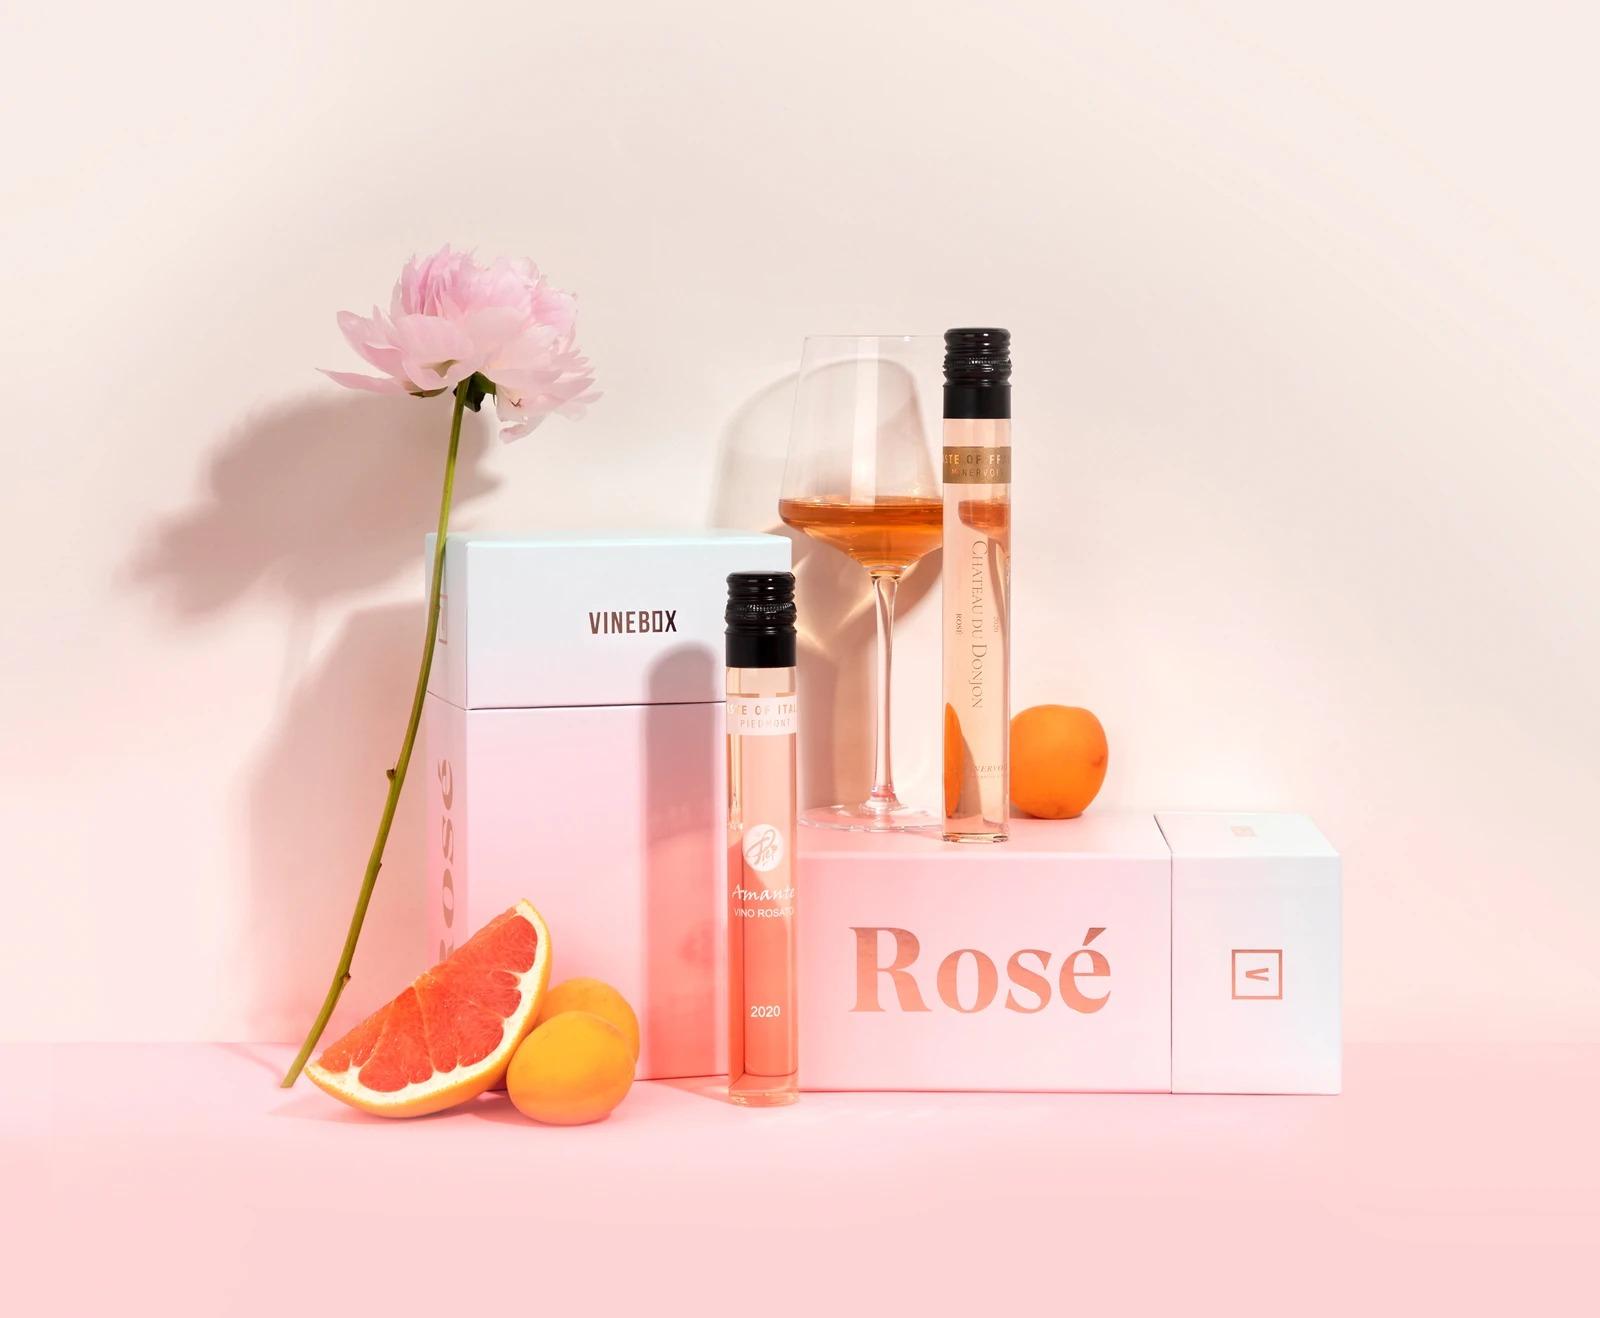 VINEBOX Rosé Collection